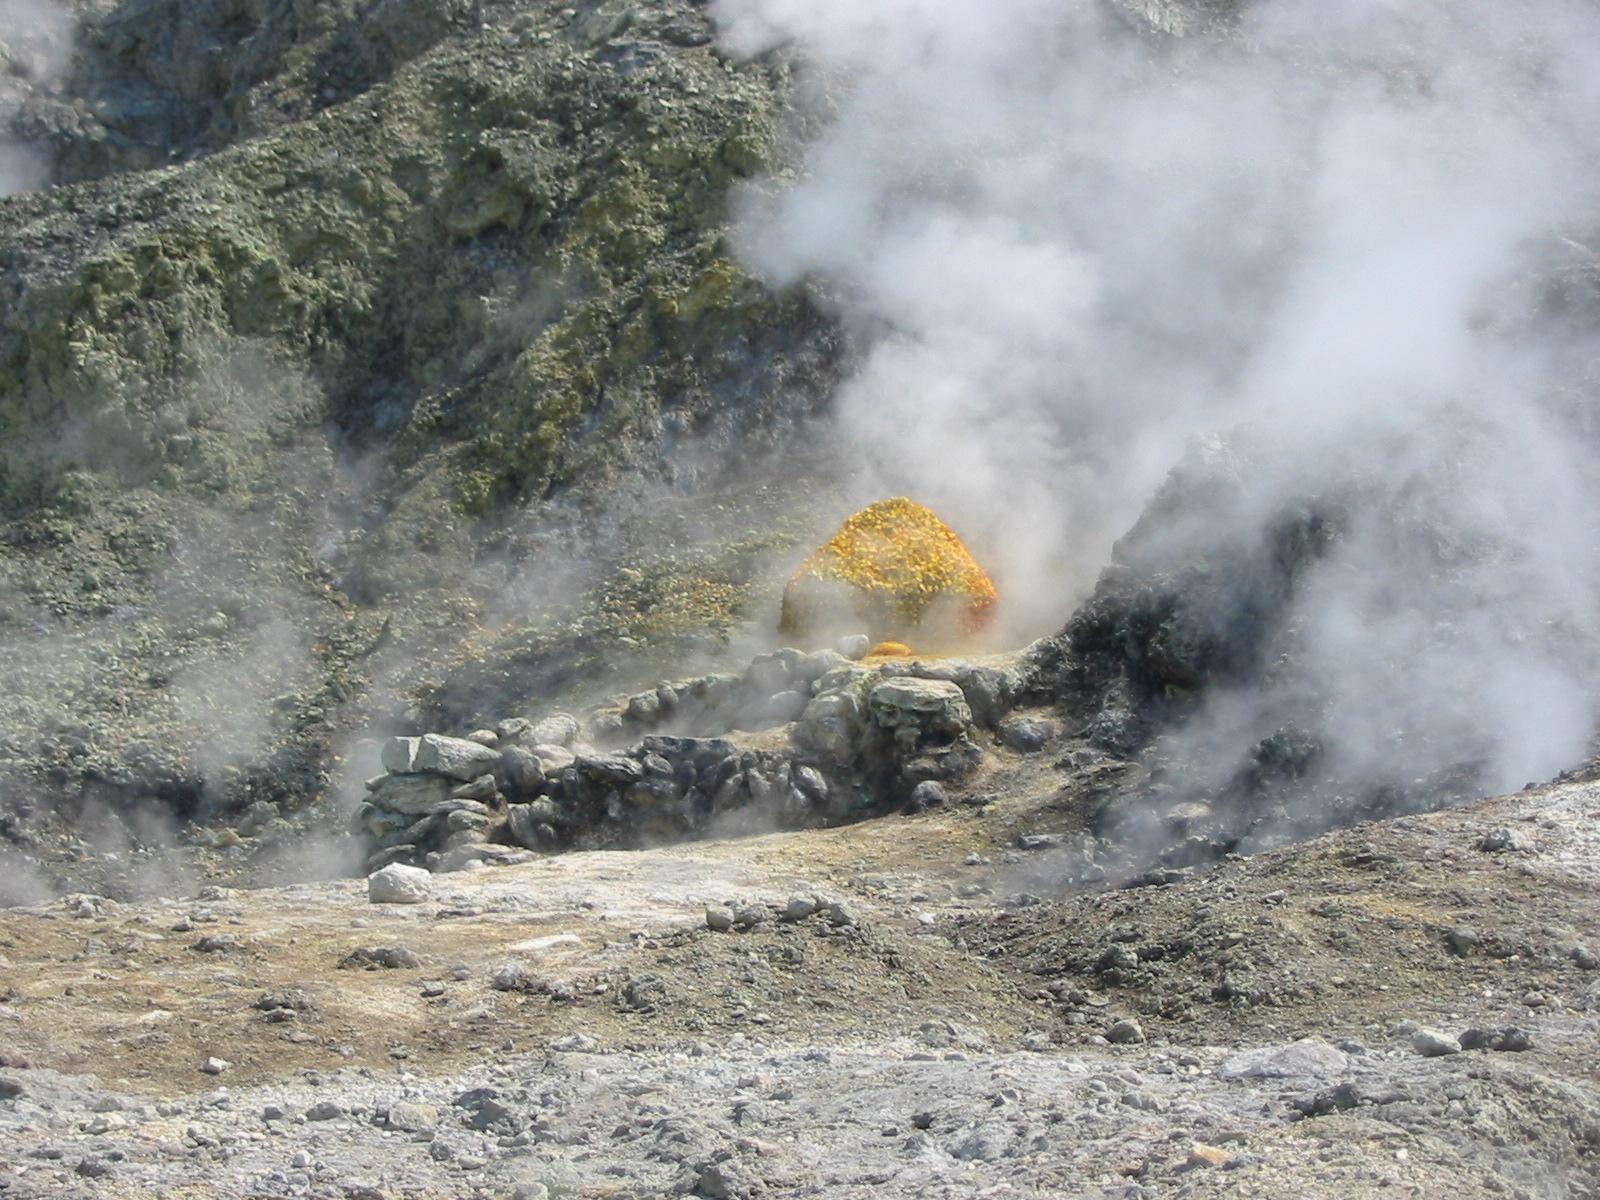 Siarka osadzająca się przy wydobywających się spod ziemi gazach na Polach Flegrejskich. Fot. Donar Reiskoffer